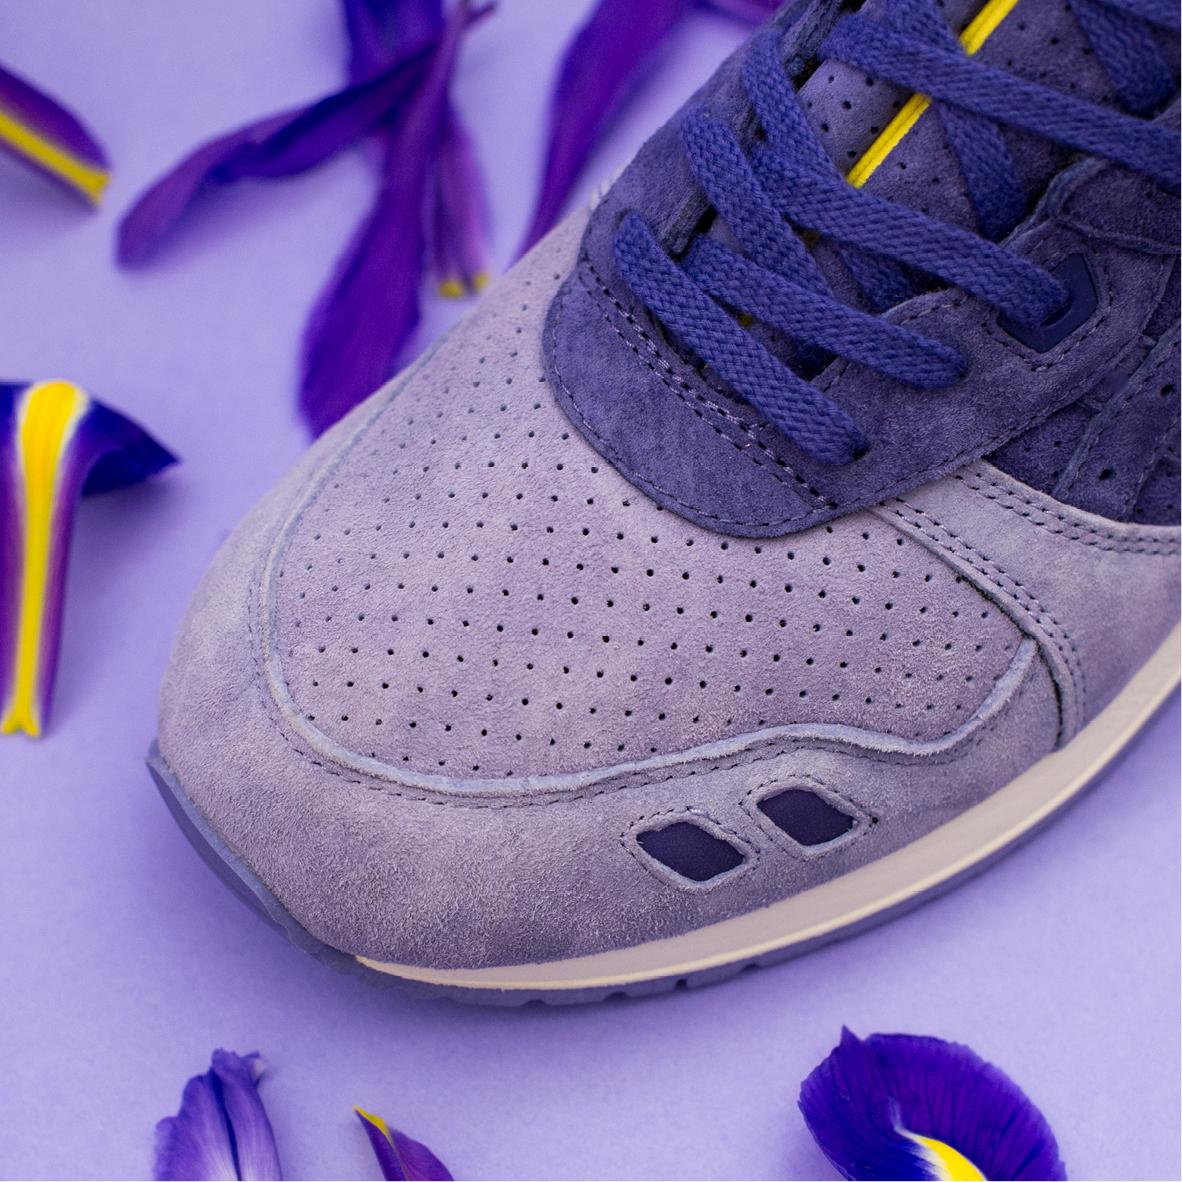 asics full bloom gel lyte 3 sneaker